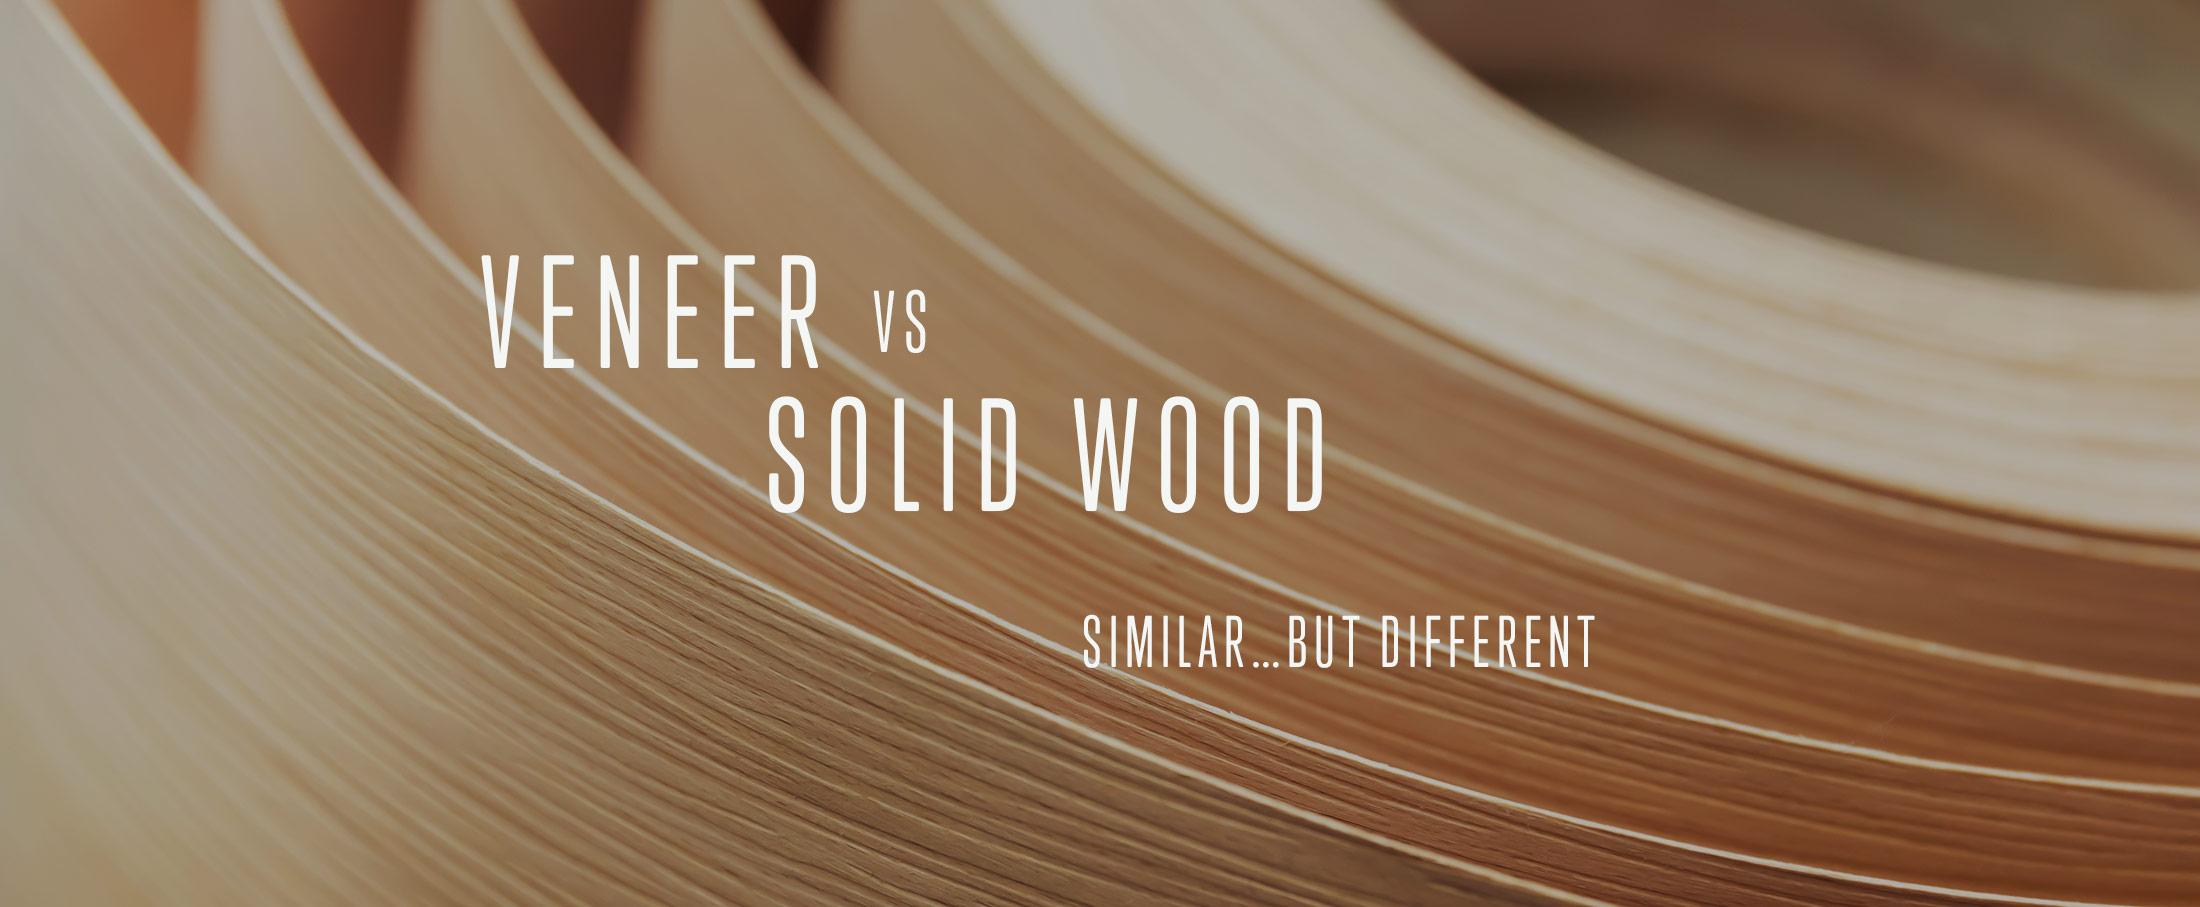 Veneer vs Solid wood